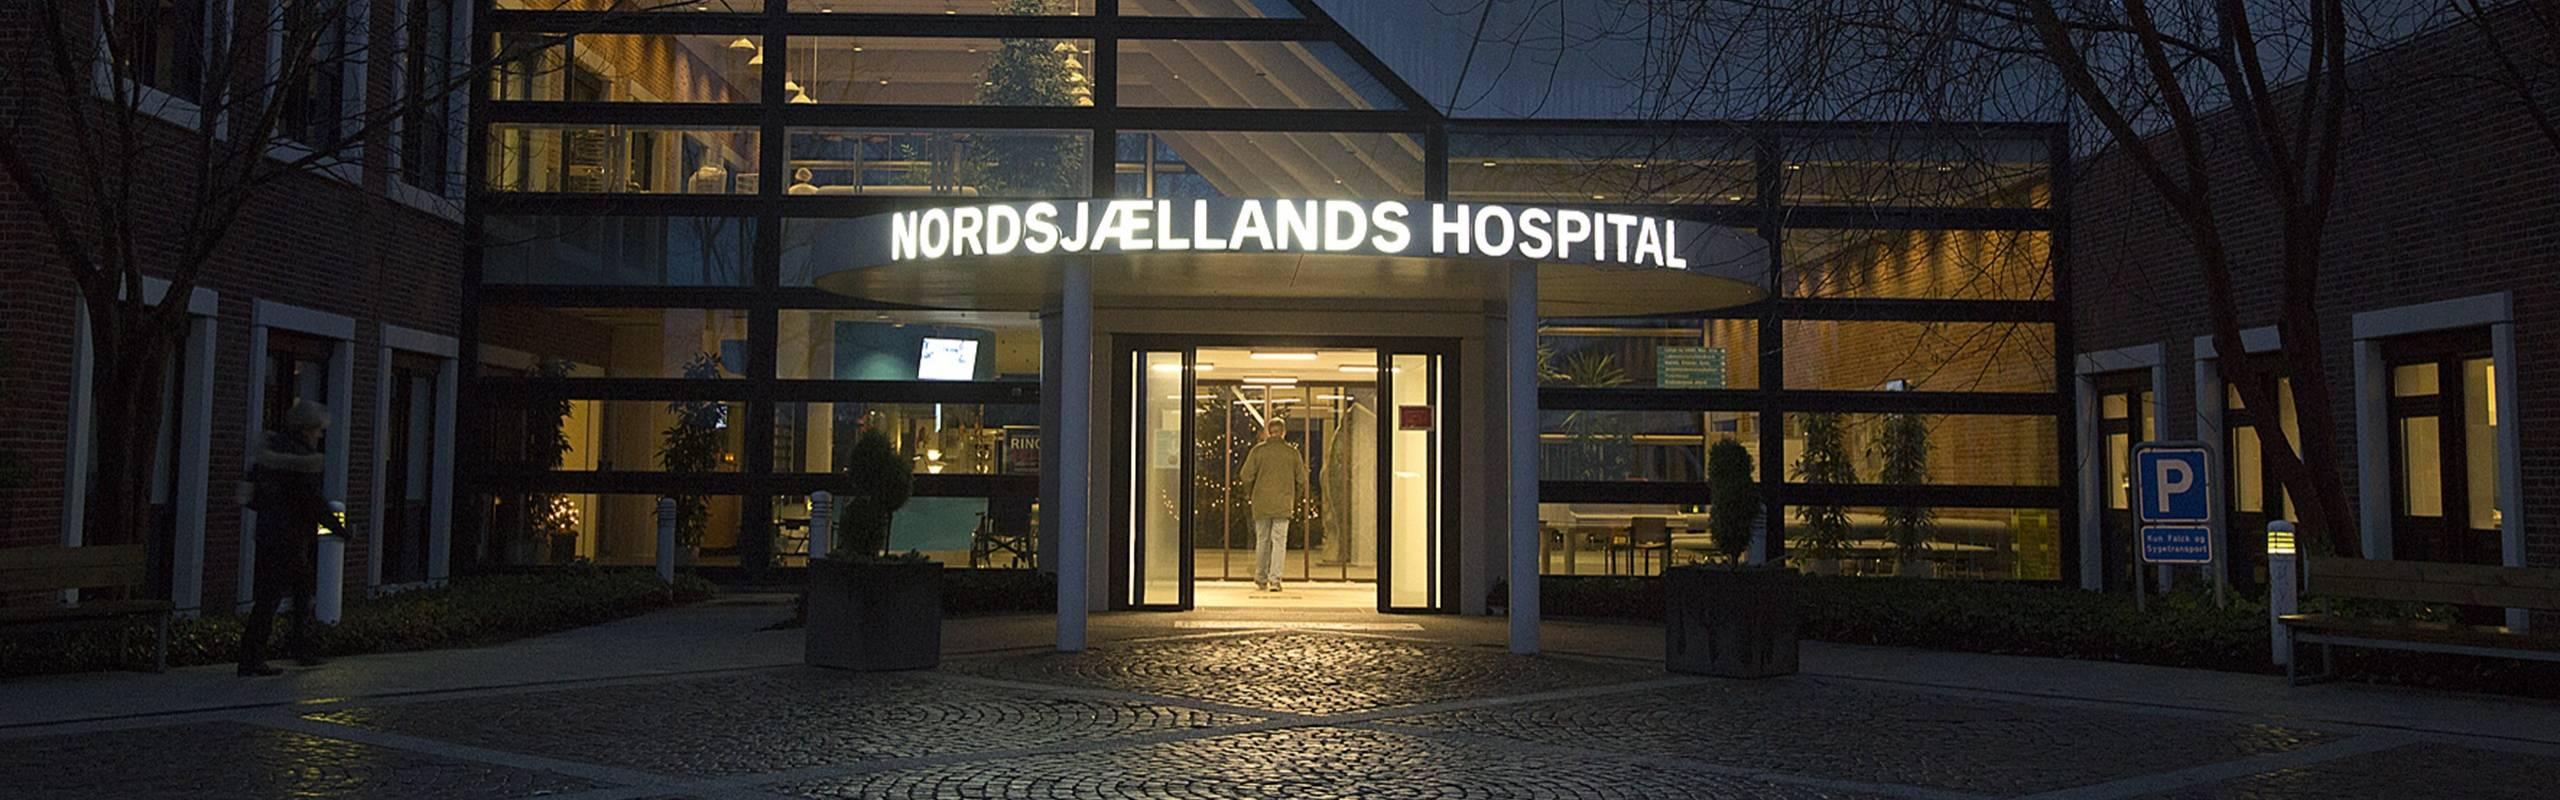 Nordsjællands Hospital